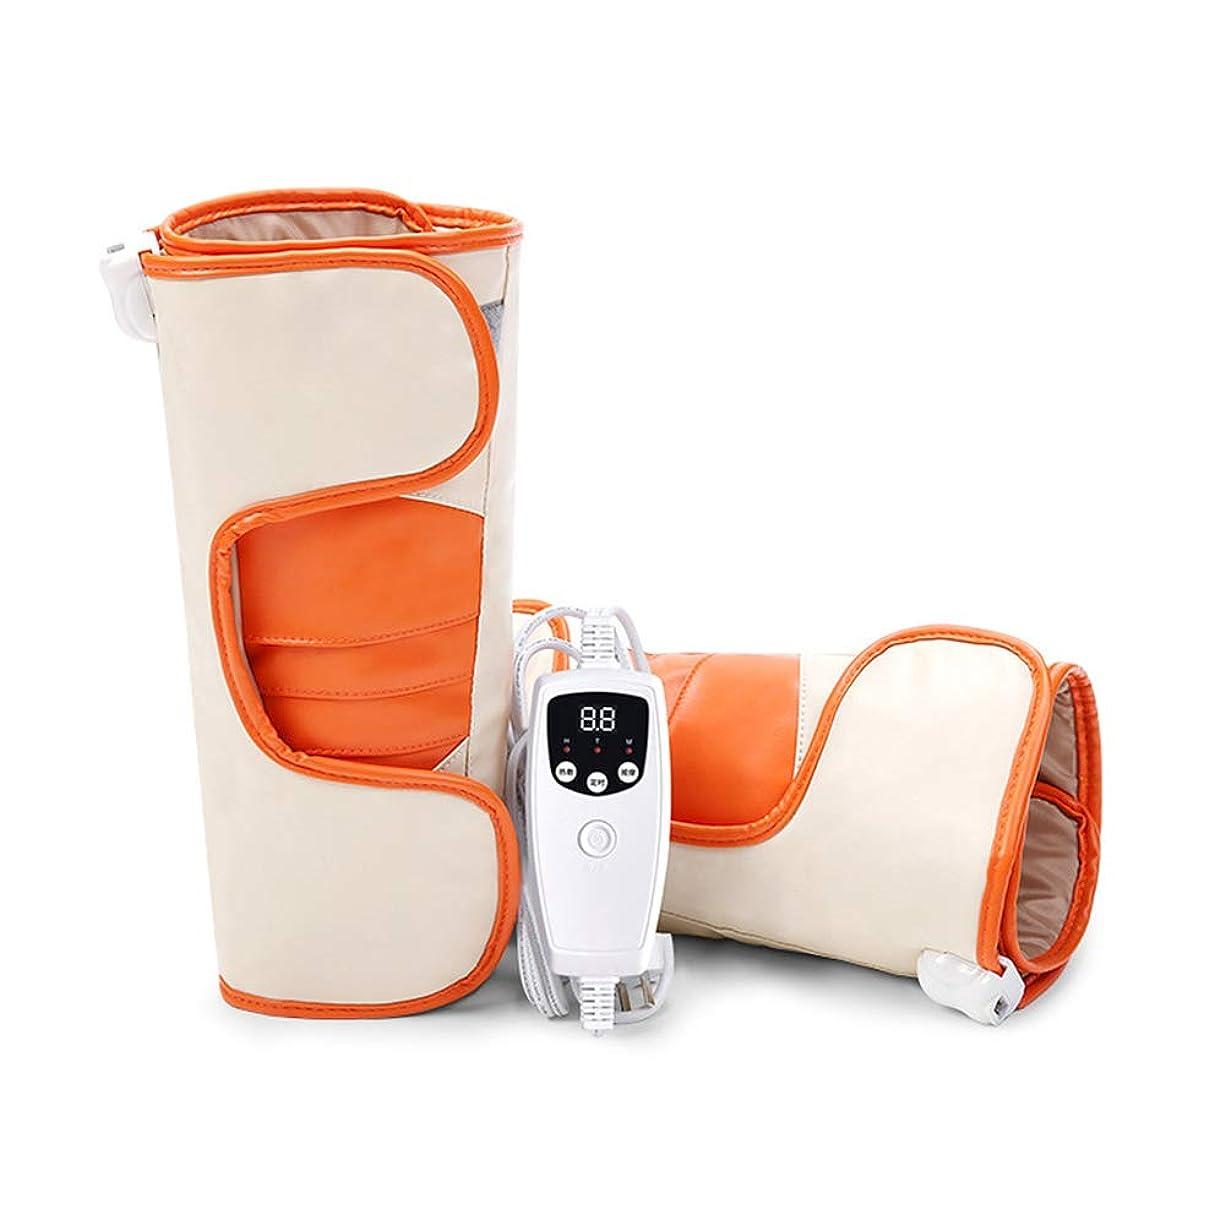 ファブリックに負ける日焼け関節炎のための膝暖かい、熱膝ラップ、赤外線熱療法による振動マッサージ膝パッド、救済変形性関節症パッド用の熱ニーブレース